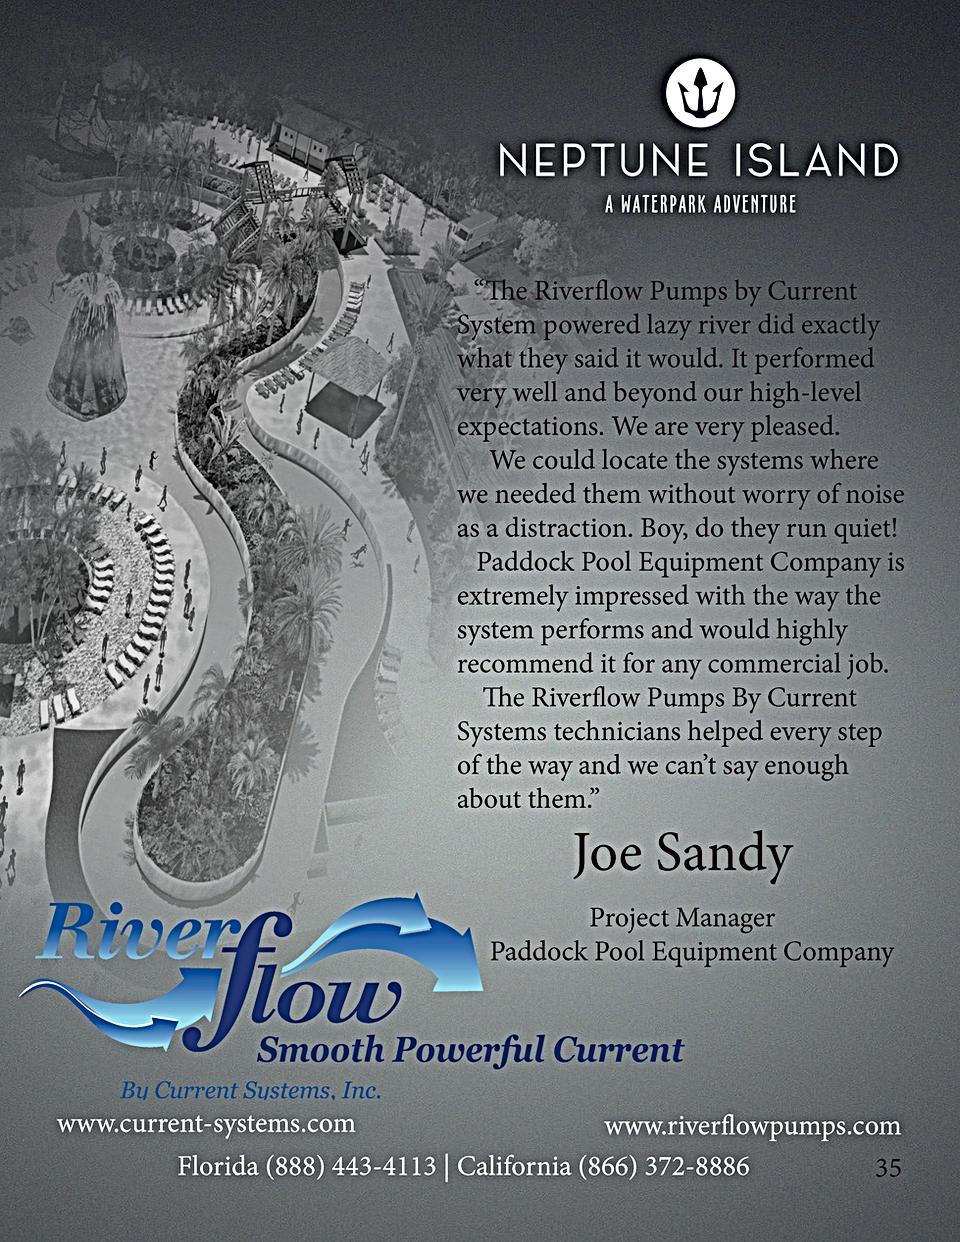 Joe_Sandy_Testimonial.png